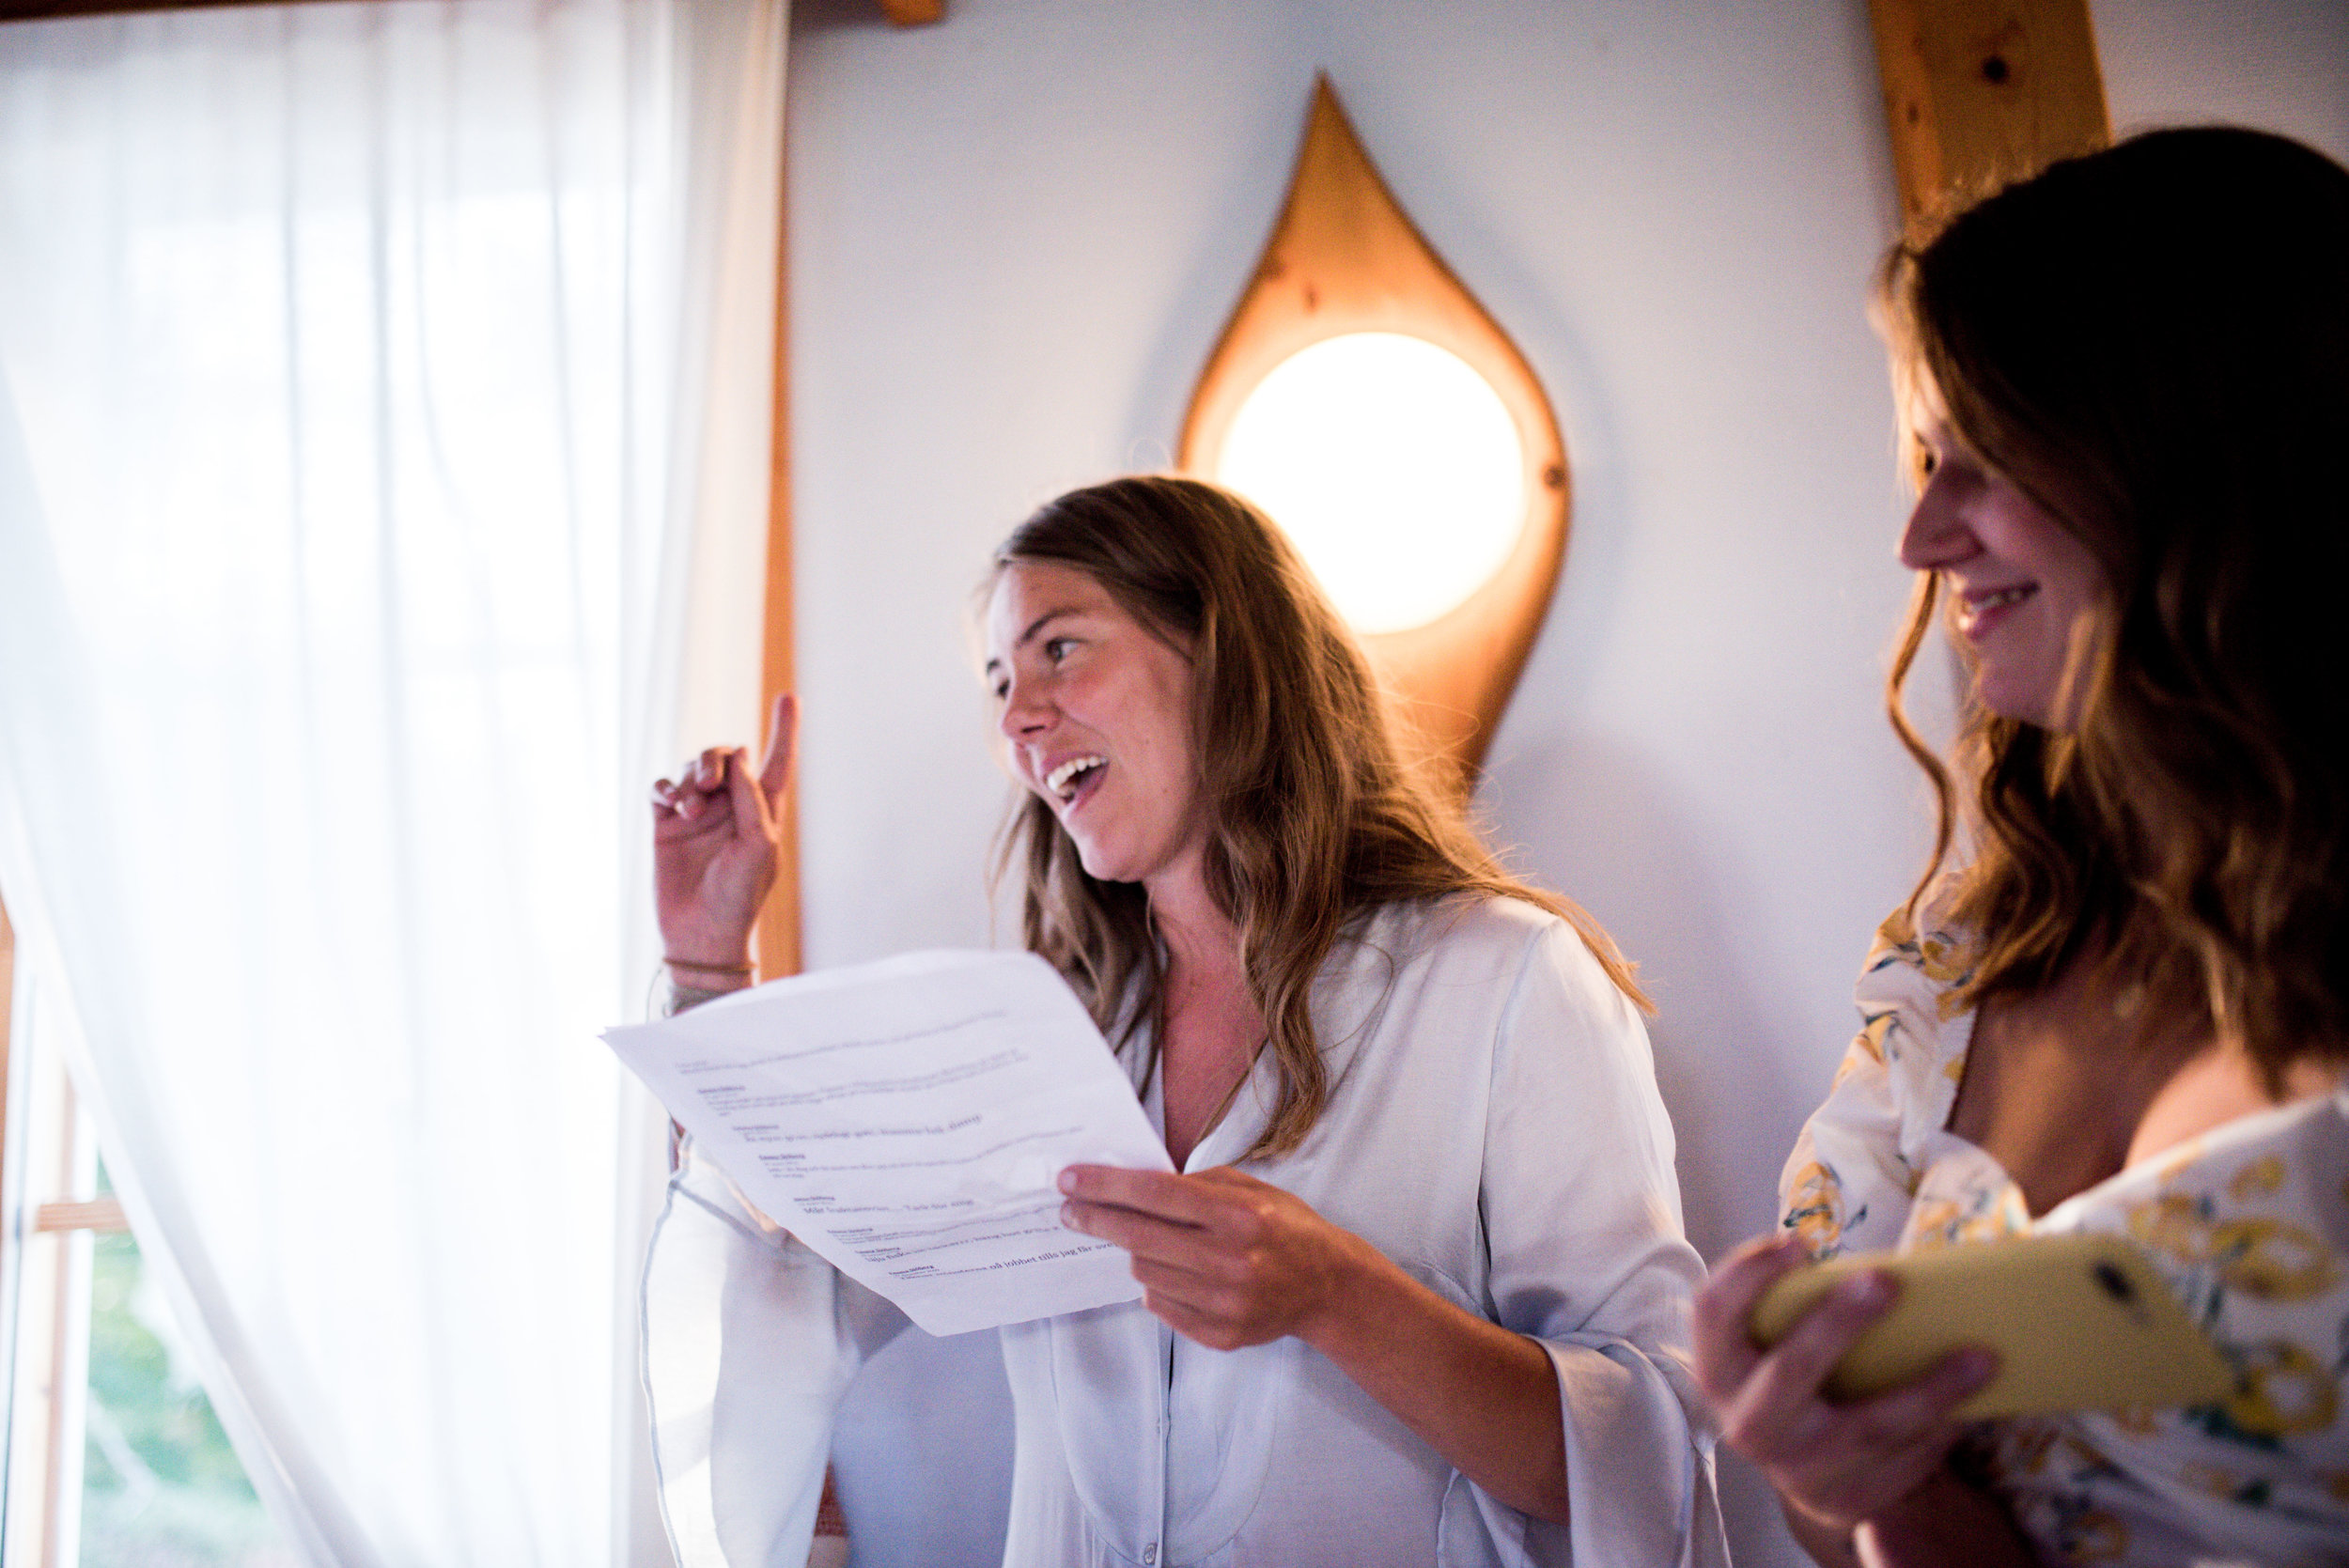 Bröllop2019lågkvall2-6244.jpg